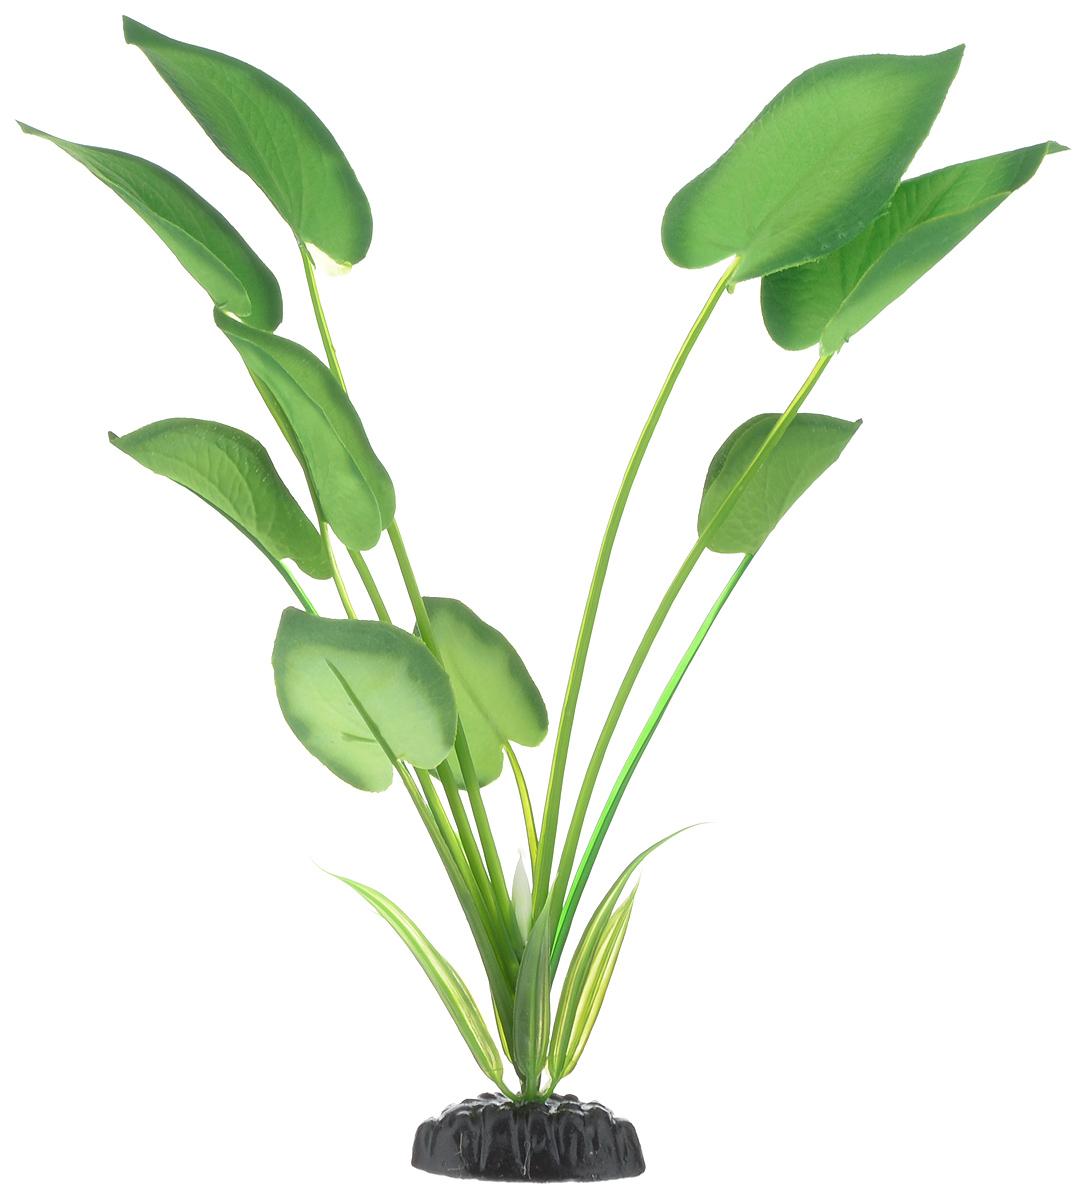 Растение для аквариума Barbus Эхинодорус, шелковое, высота 30 см. Plant 044/30Plant 044/30Растение для аквариума Barbus Эхинодорус, выполненное из качественного шелка, станет прекрасным украшением вашего аквариума. Шелковое растение идеально подходит для дизайна всех видов аквариумов. В воде происходит абсолютная имитация живых растений. Изделие не требует дополнительного ухода и просто в применении. Растение абсолютно безопасно, нейтрально к водному балансу, устойчиво к истиранию краски, подходит как для пресноводного, так и для морского аквариума. Растение для аквариума Barbus поможет вам смоделировать потрясающий пейзаж на дне вашего аквариума или террариума. Высота растения: 30 см.